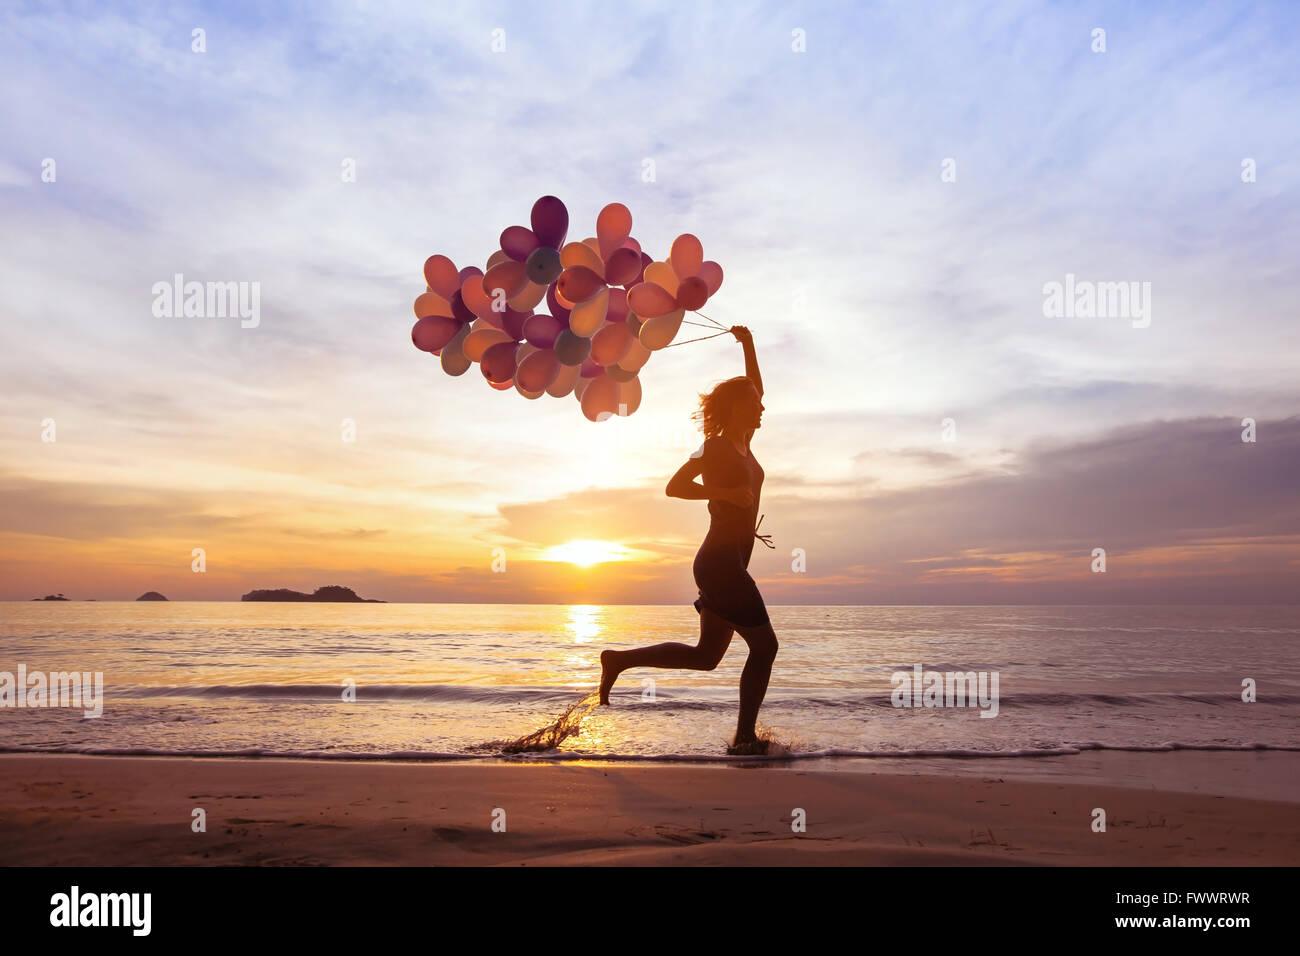 Concetto di felicità, la psicologia di gente allegra, giovane donna in esecuzione con palloncini multicolori Immagini Stock